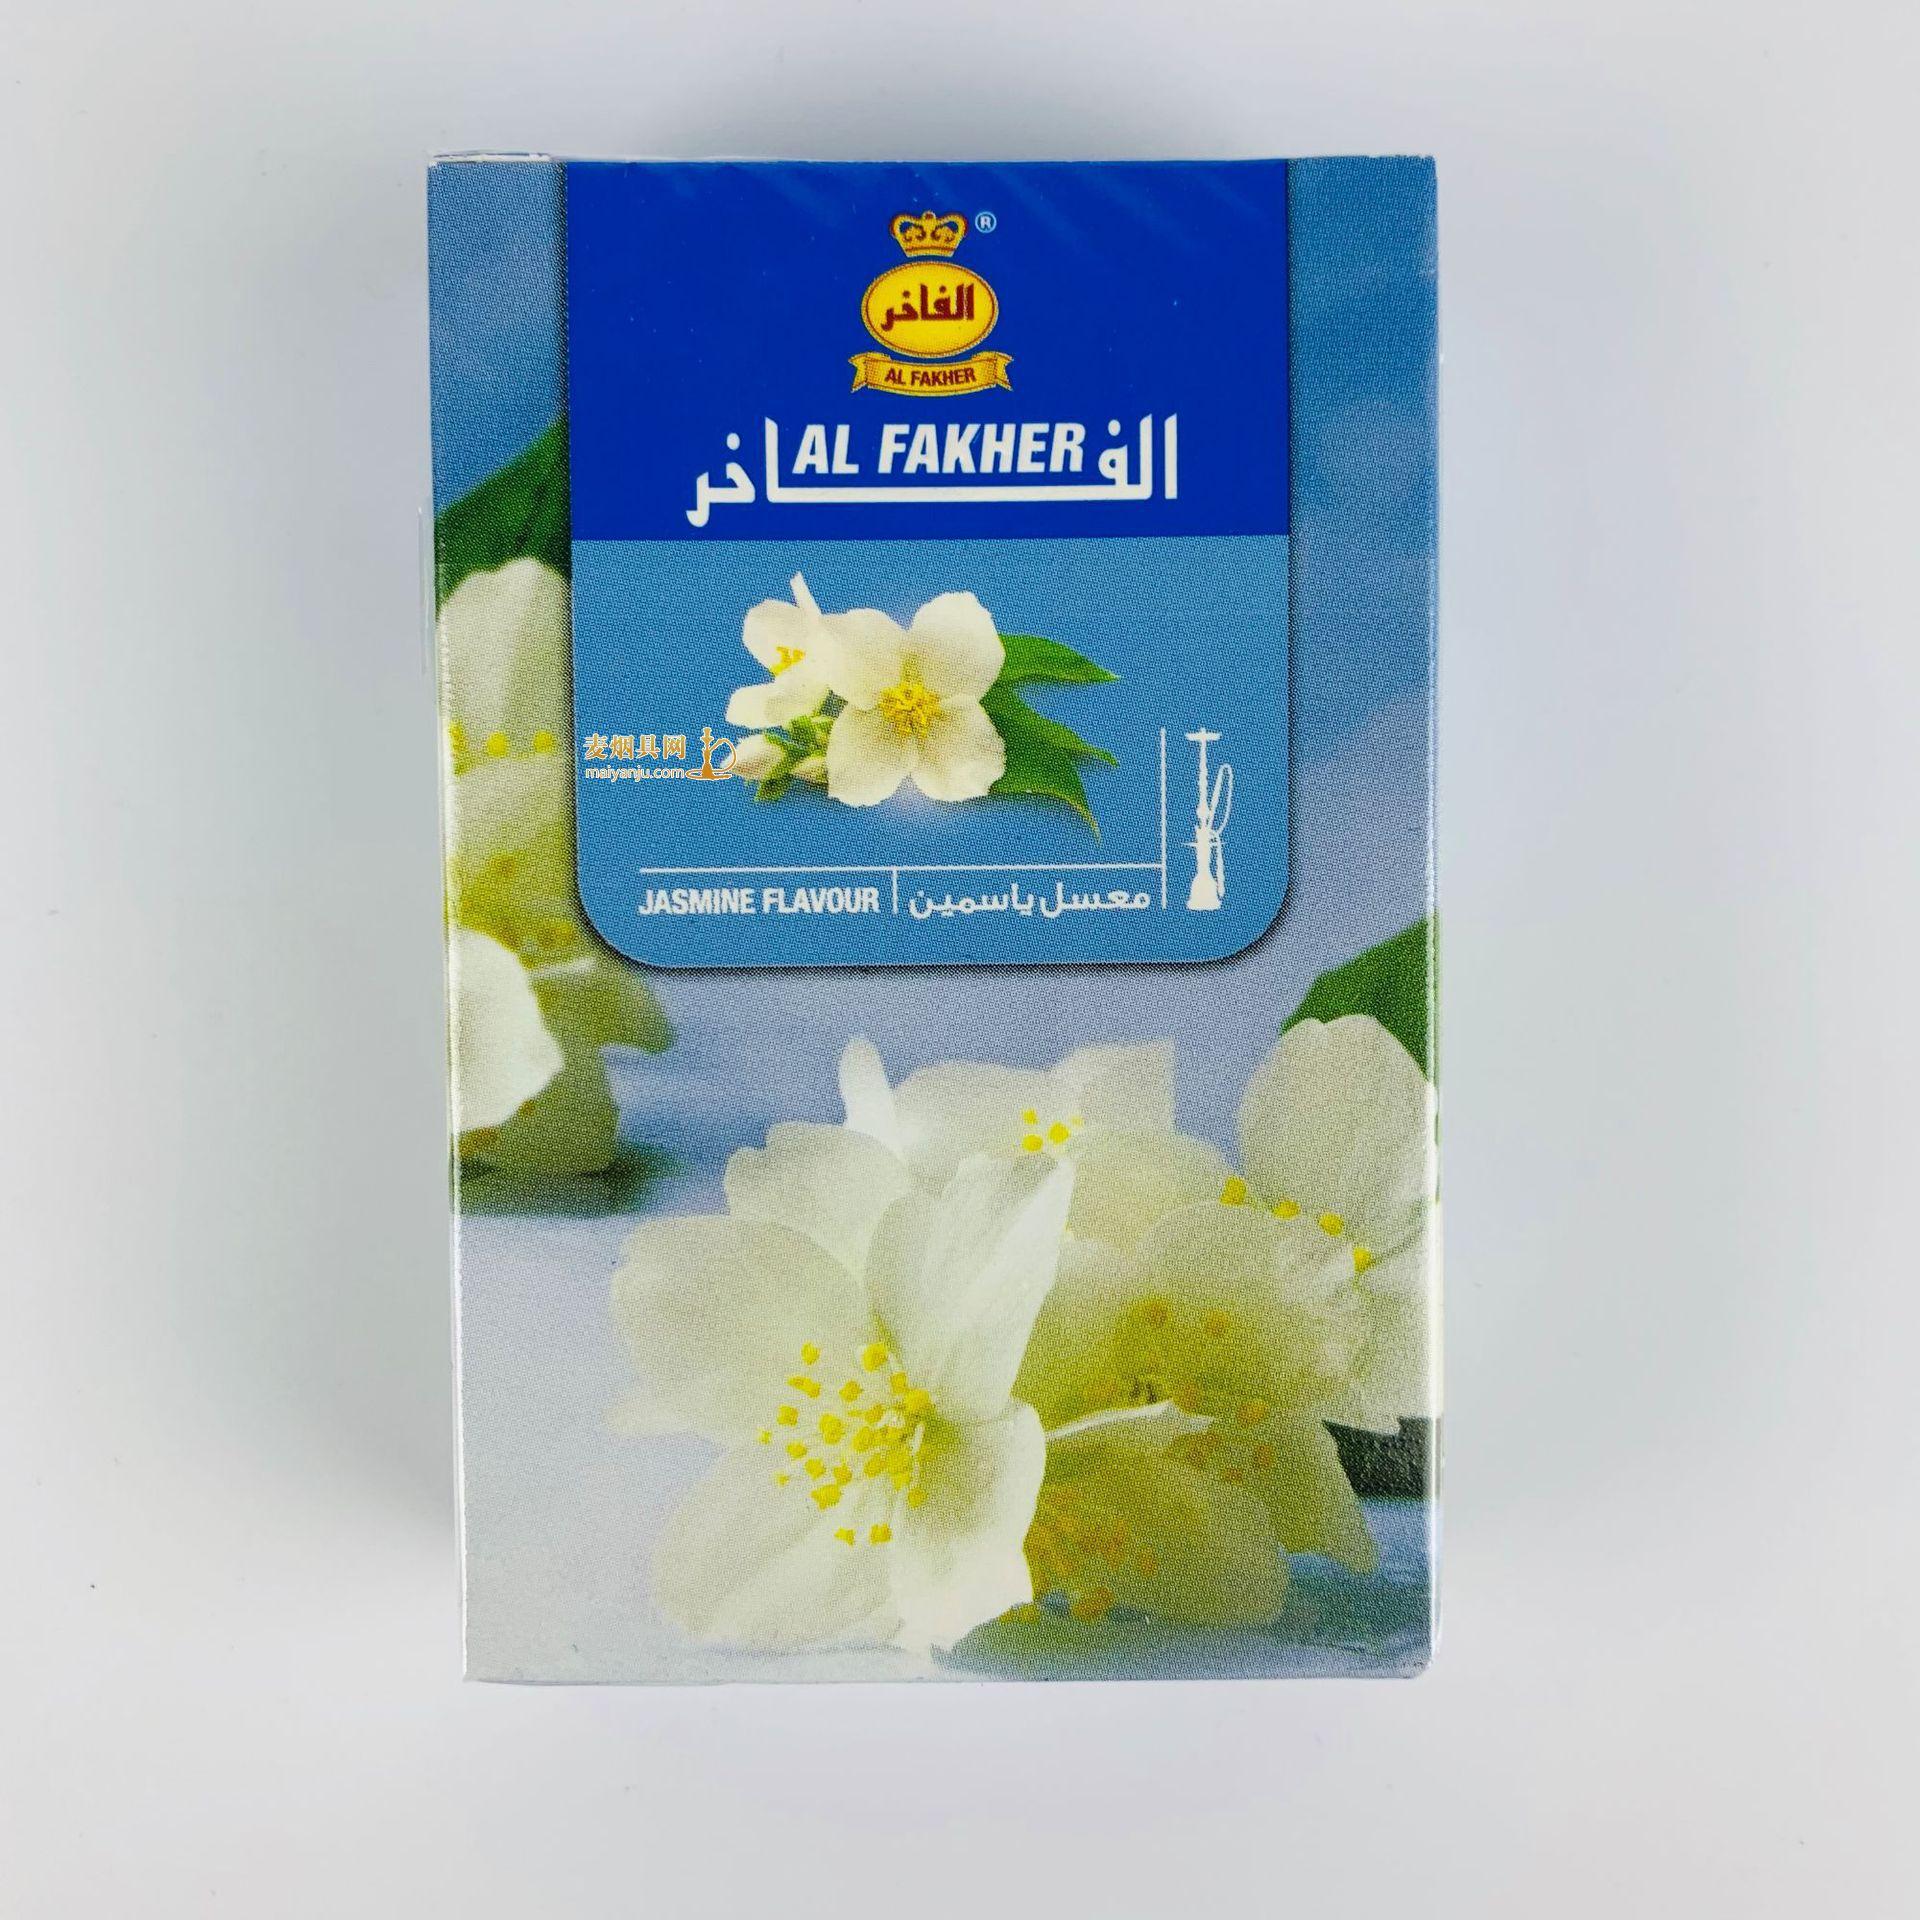 阿尔法赫alfakher50克水烟膏茉莉口味(图文)